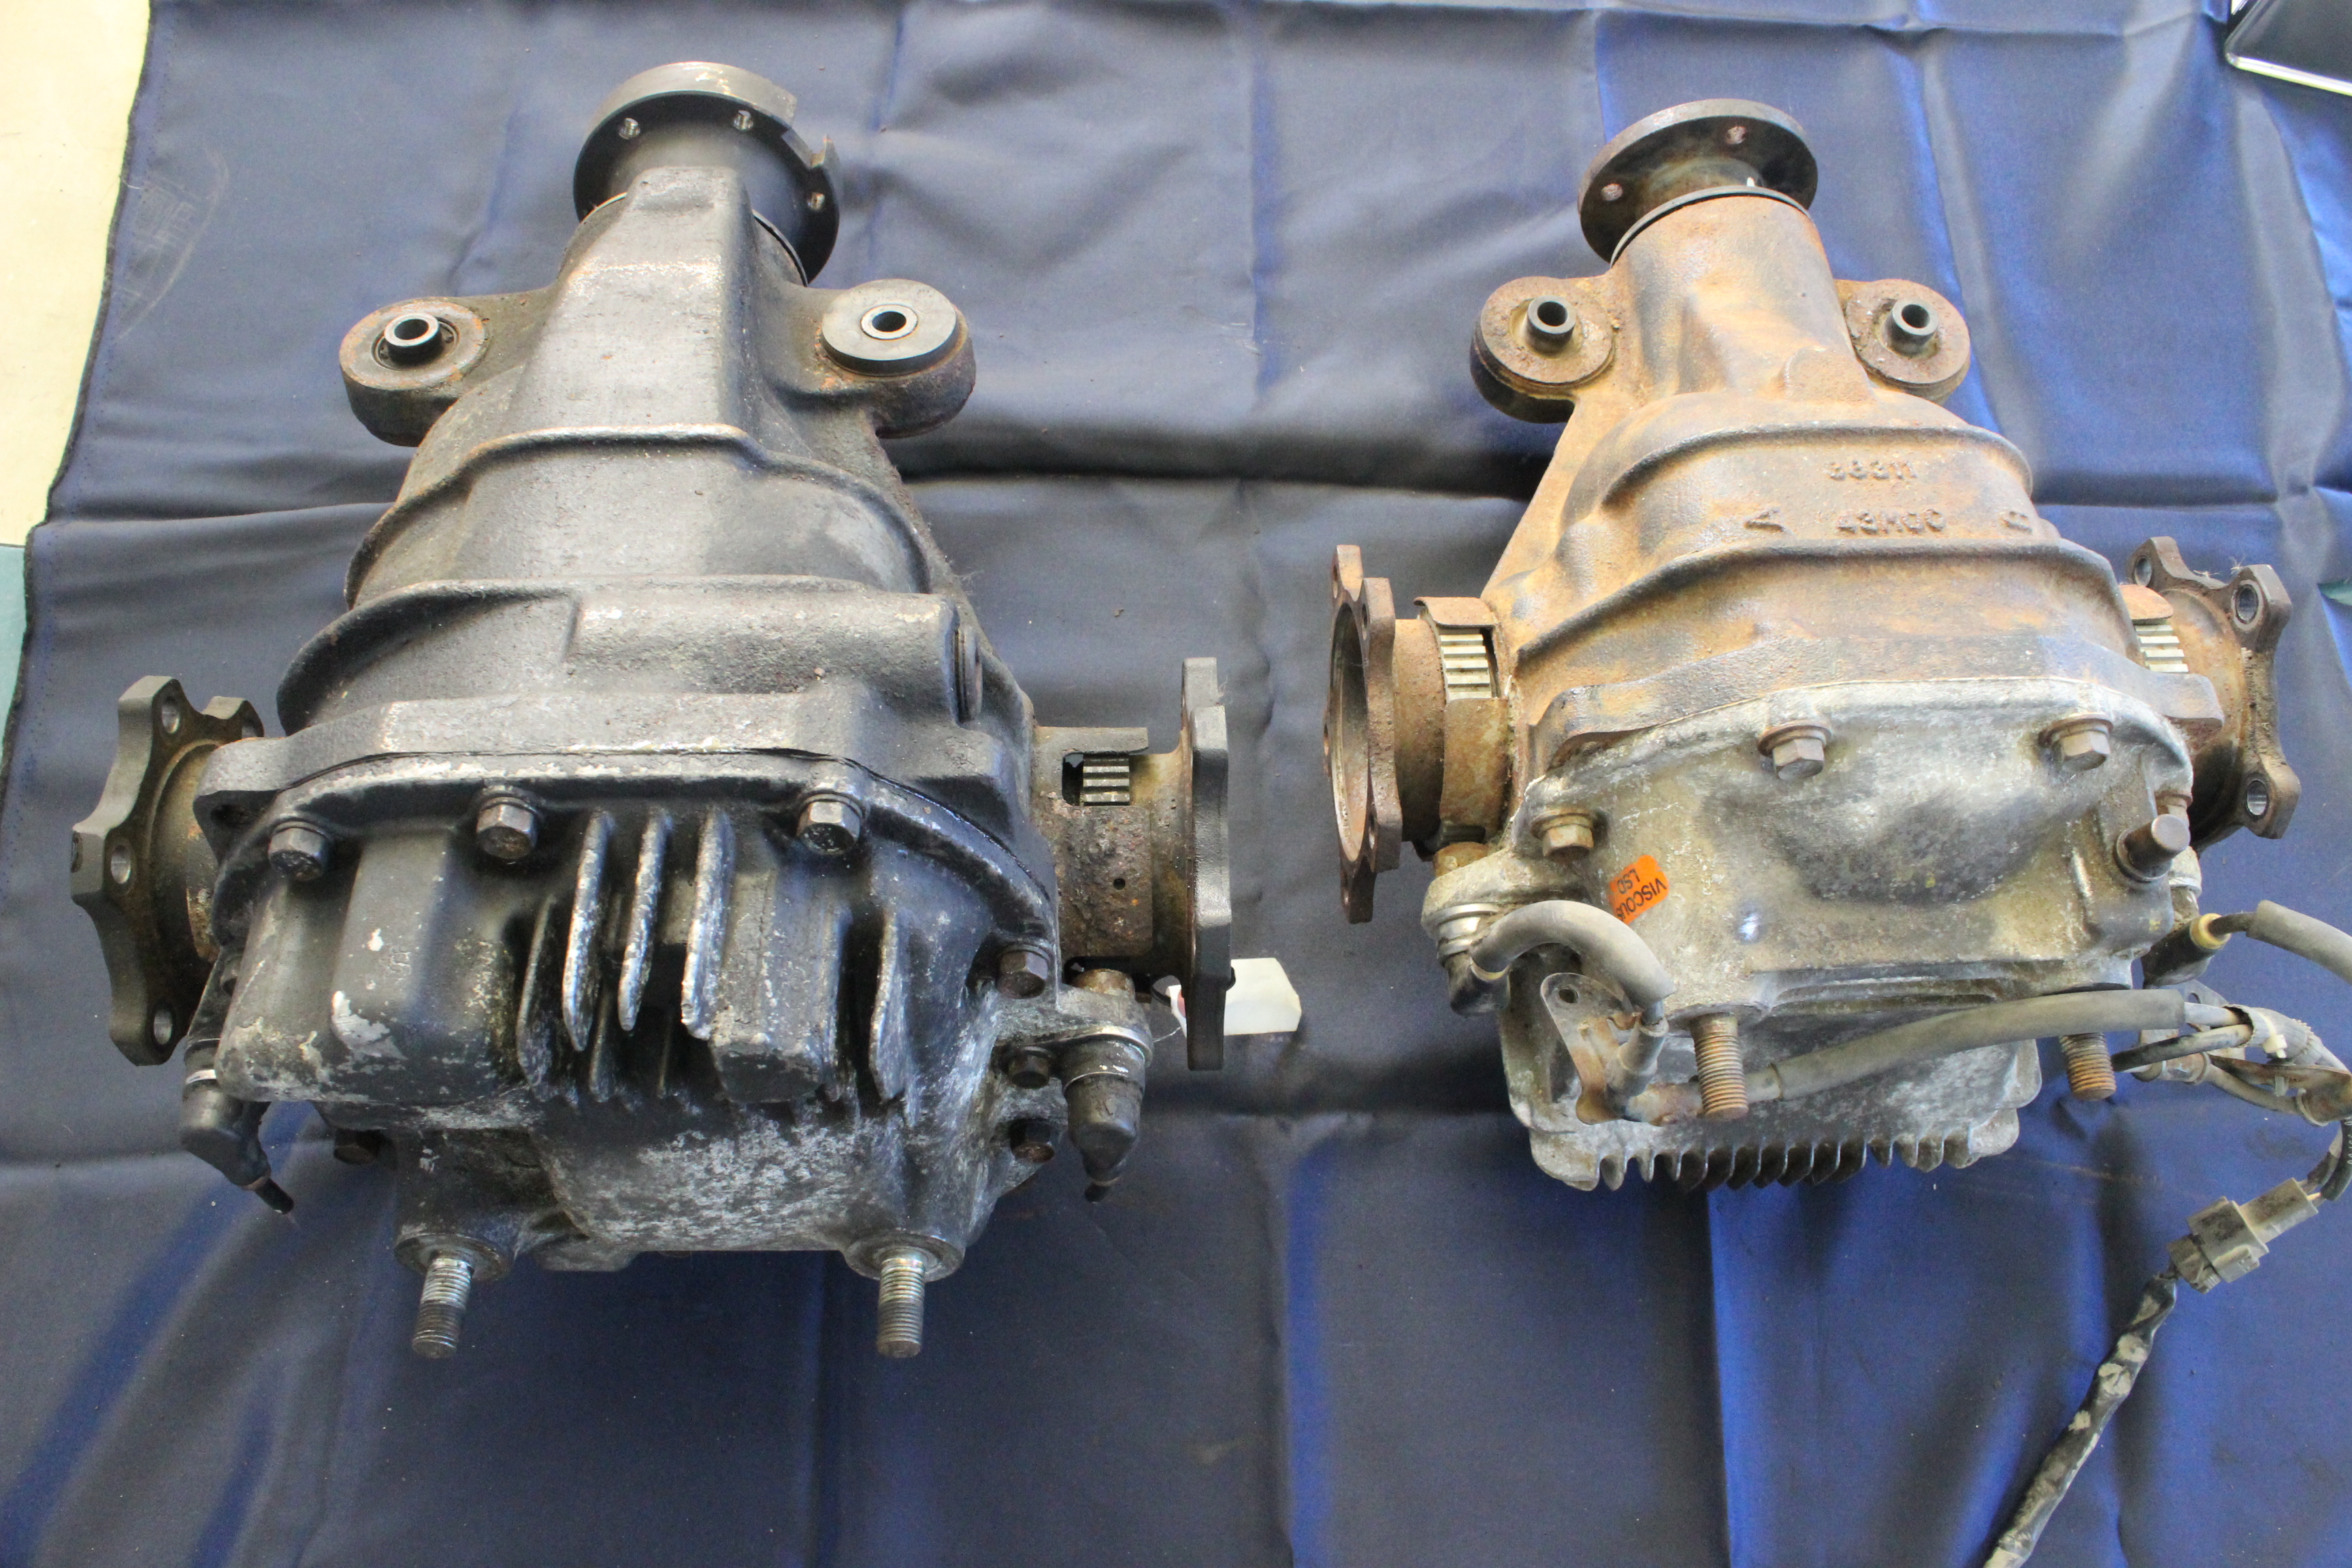 z32naをエンジン載せ替えでターボ化するメリットやデメリットは何?